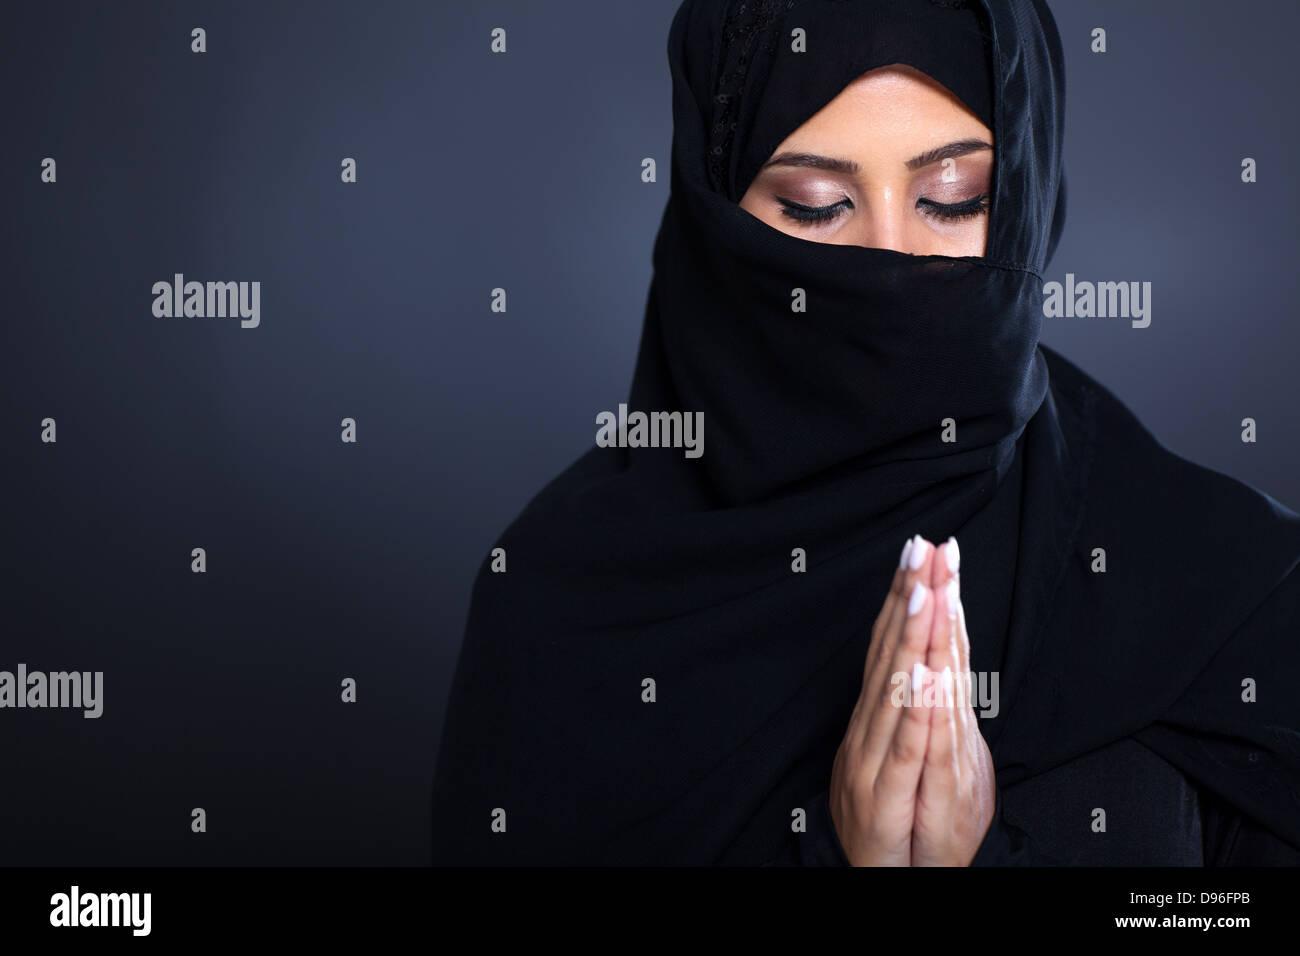 Misterioso medio orientale donna orante su sfondo nero Immagini Stock